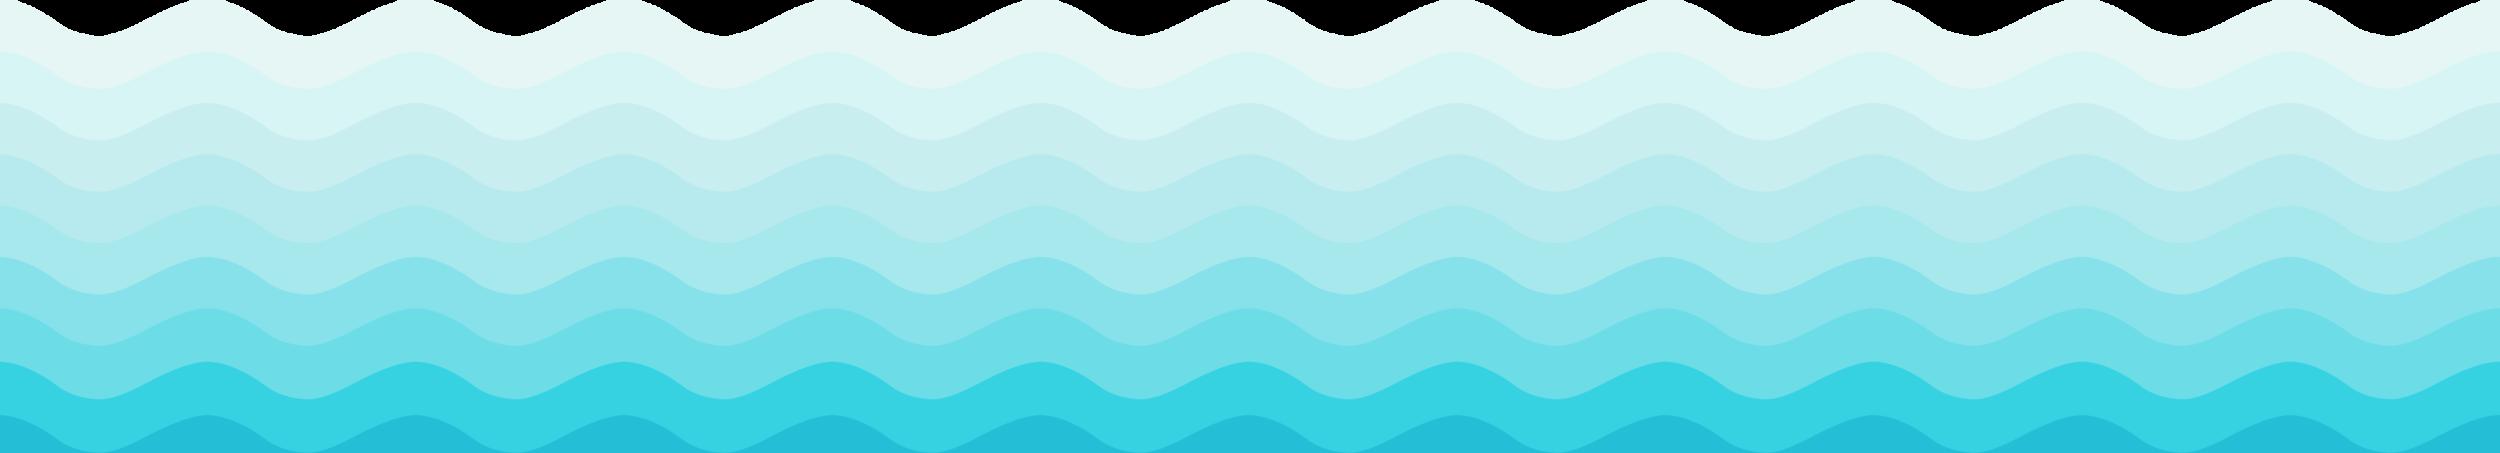 wave-bg-1.png